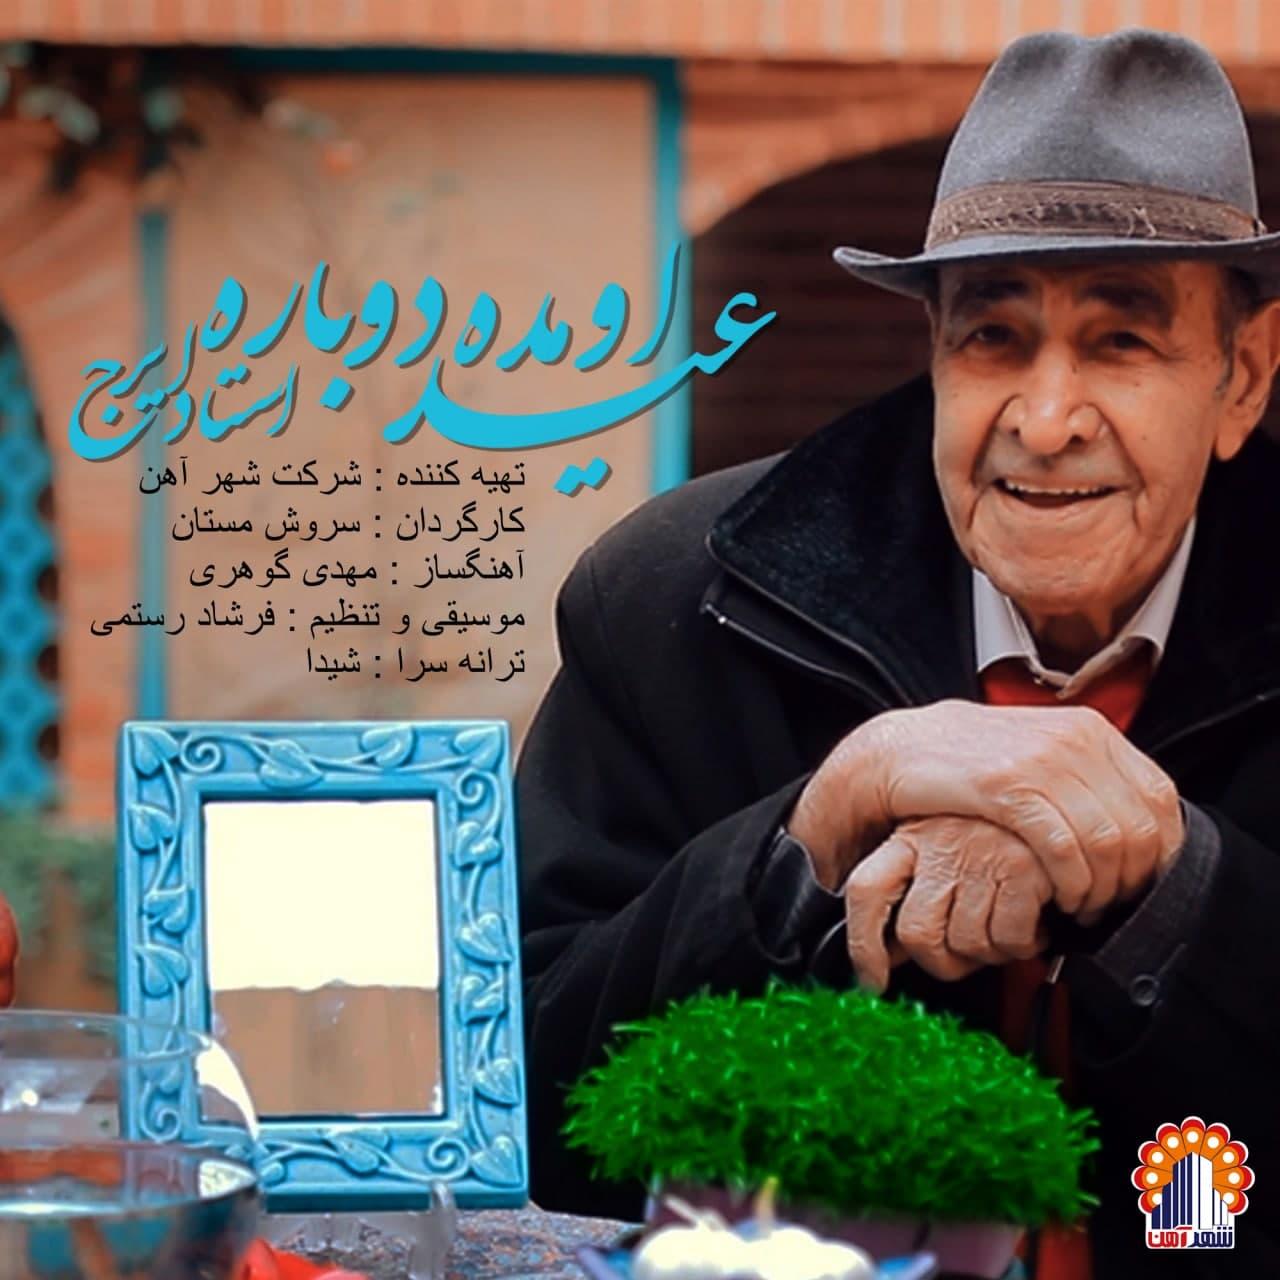 دانلود موزیک جدید عید اومده دوباره از ایرج خواجه امیری